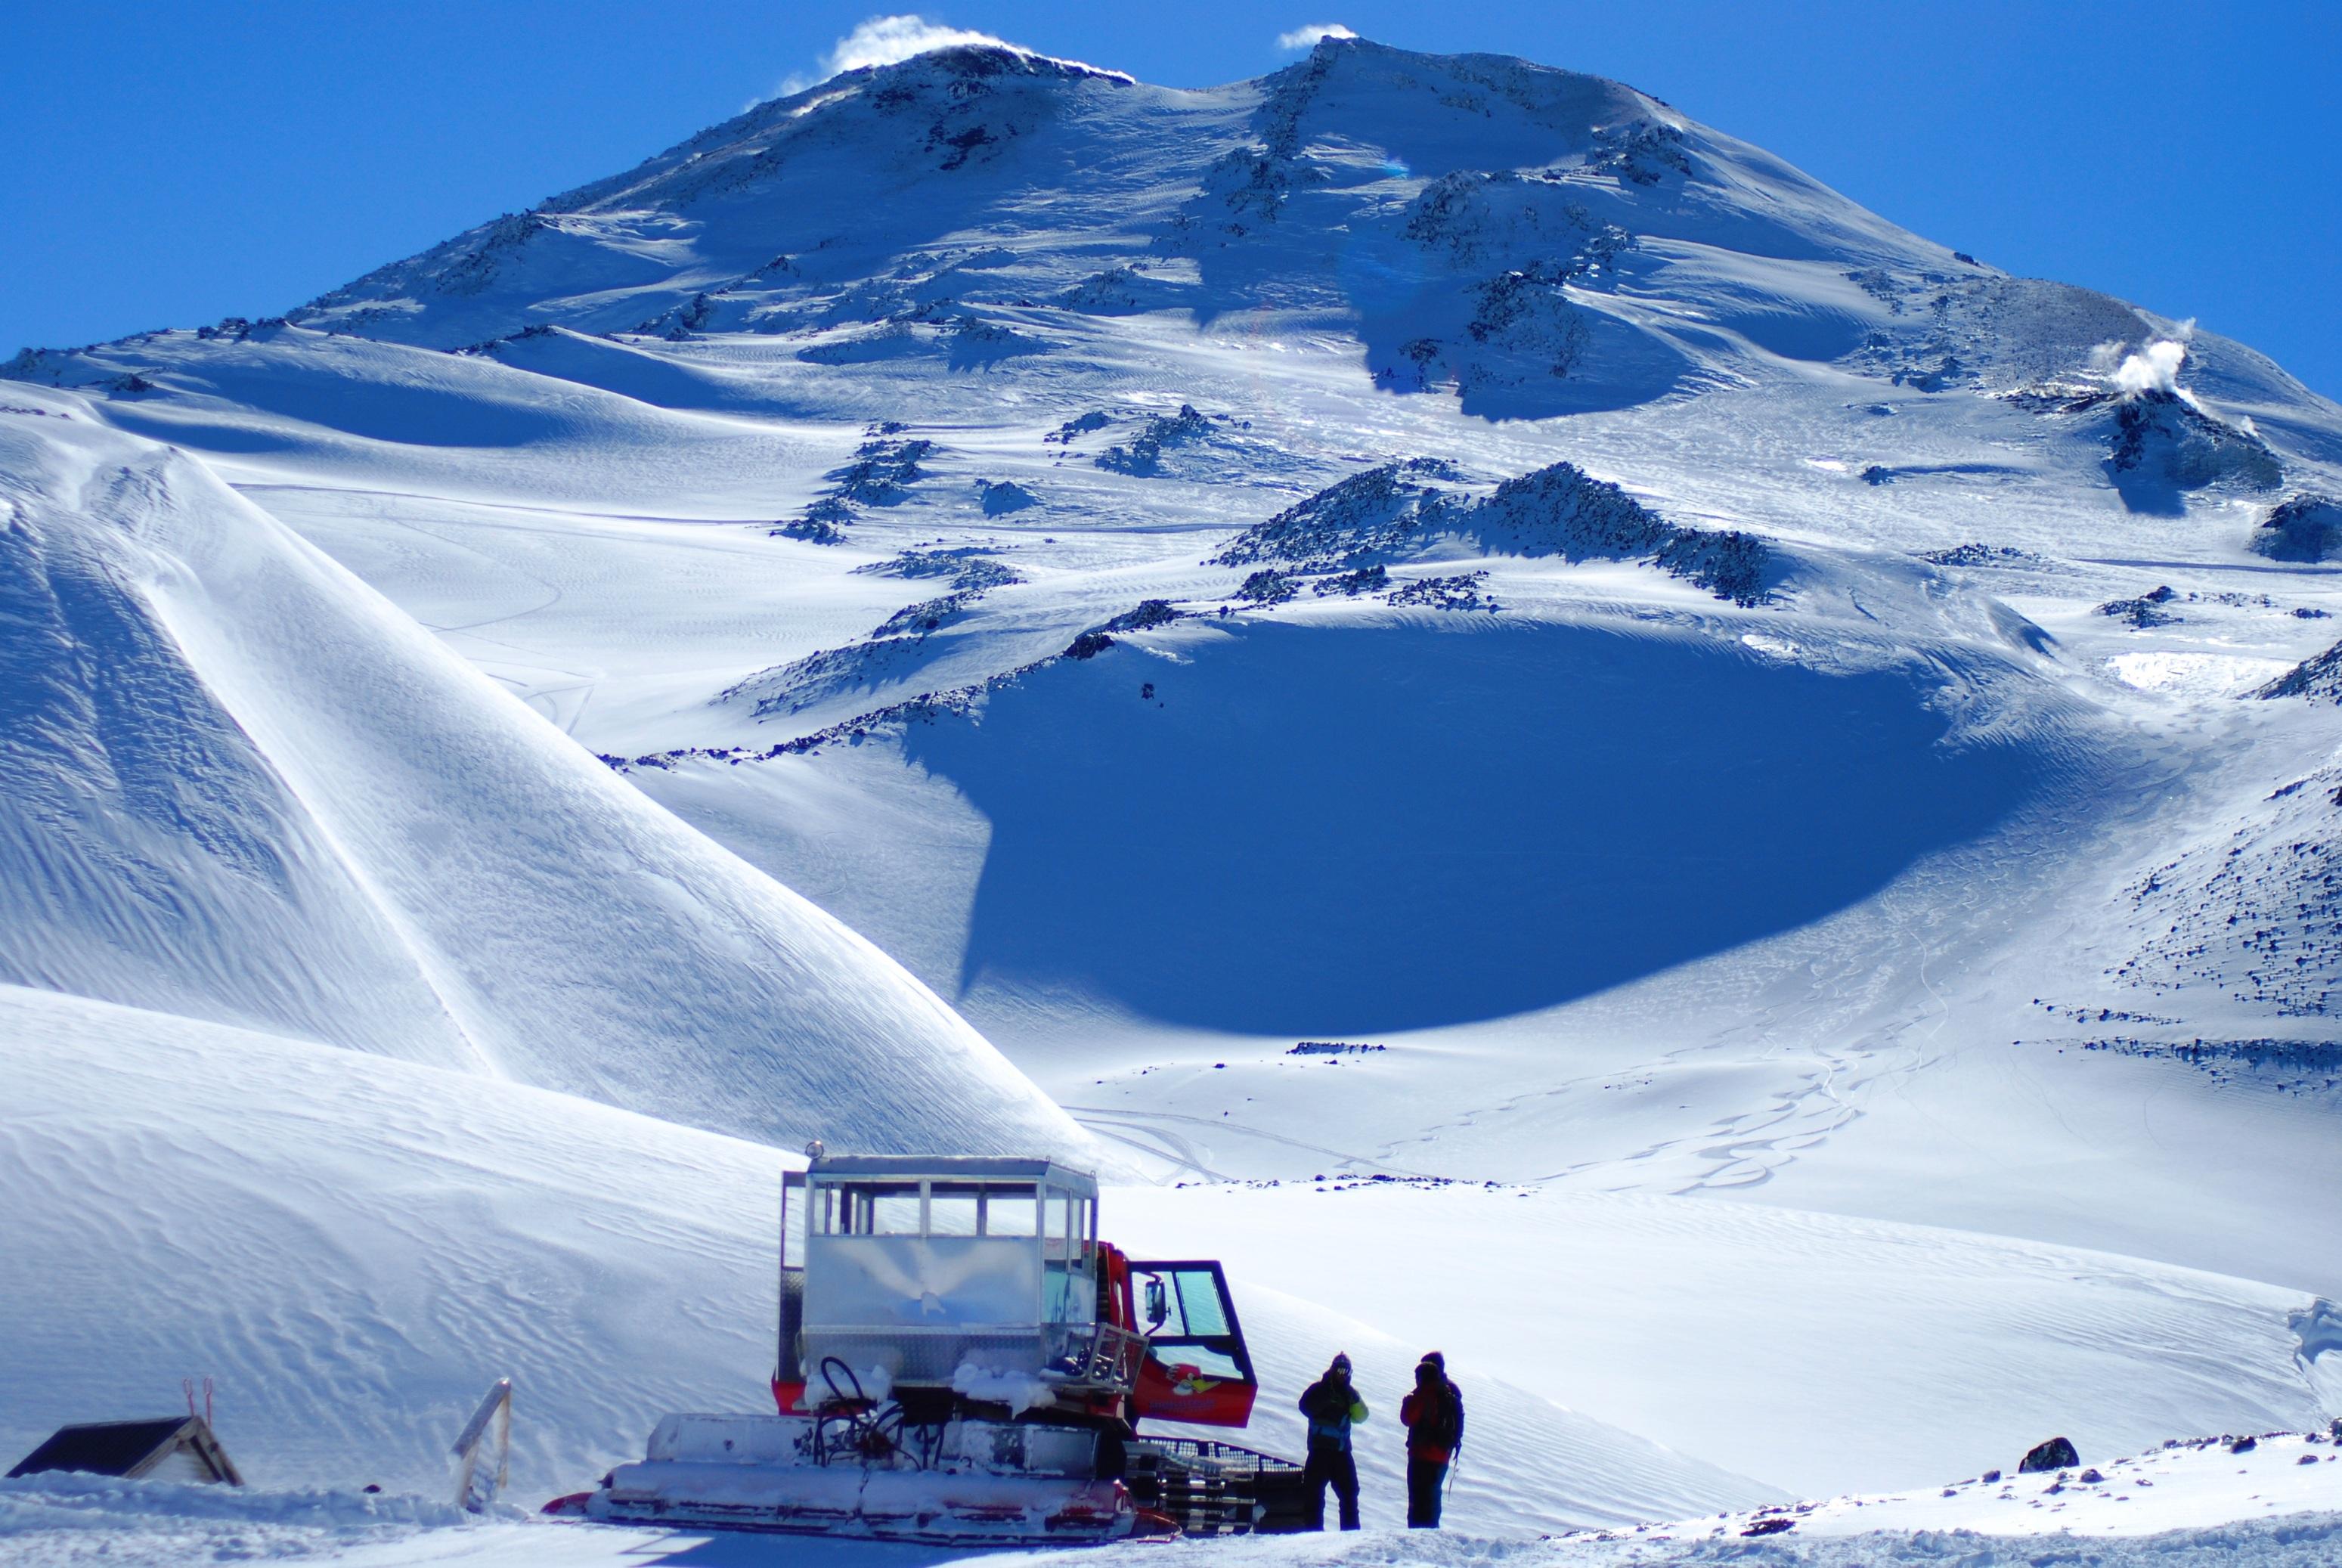 Nevados-Chillán-catski-snow